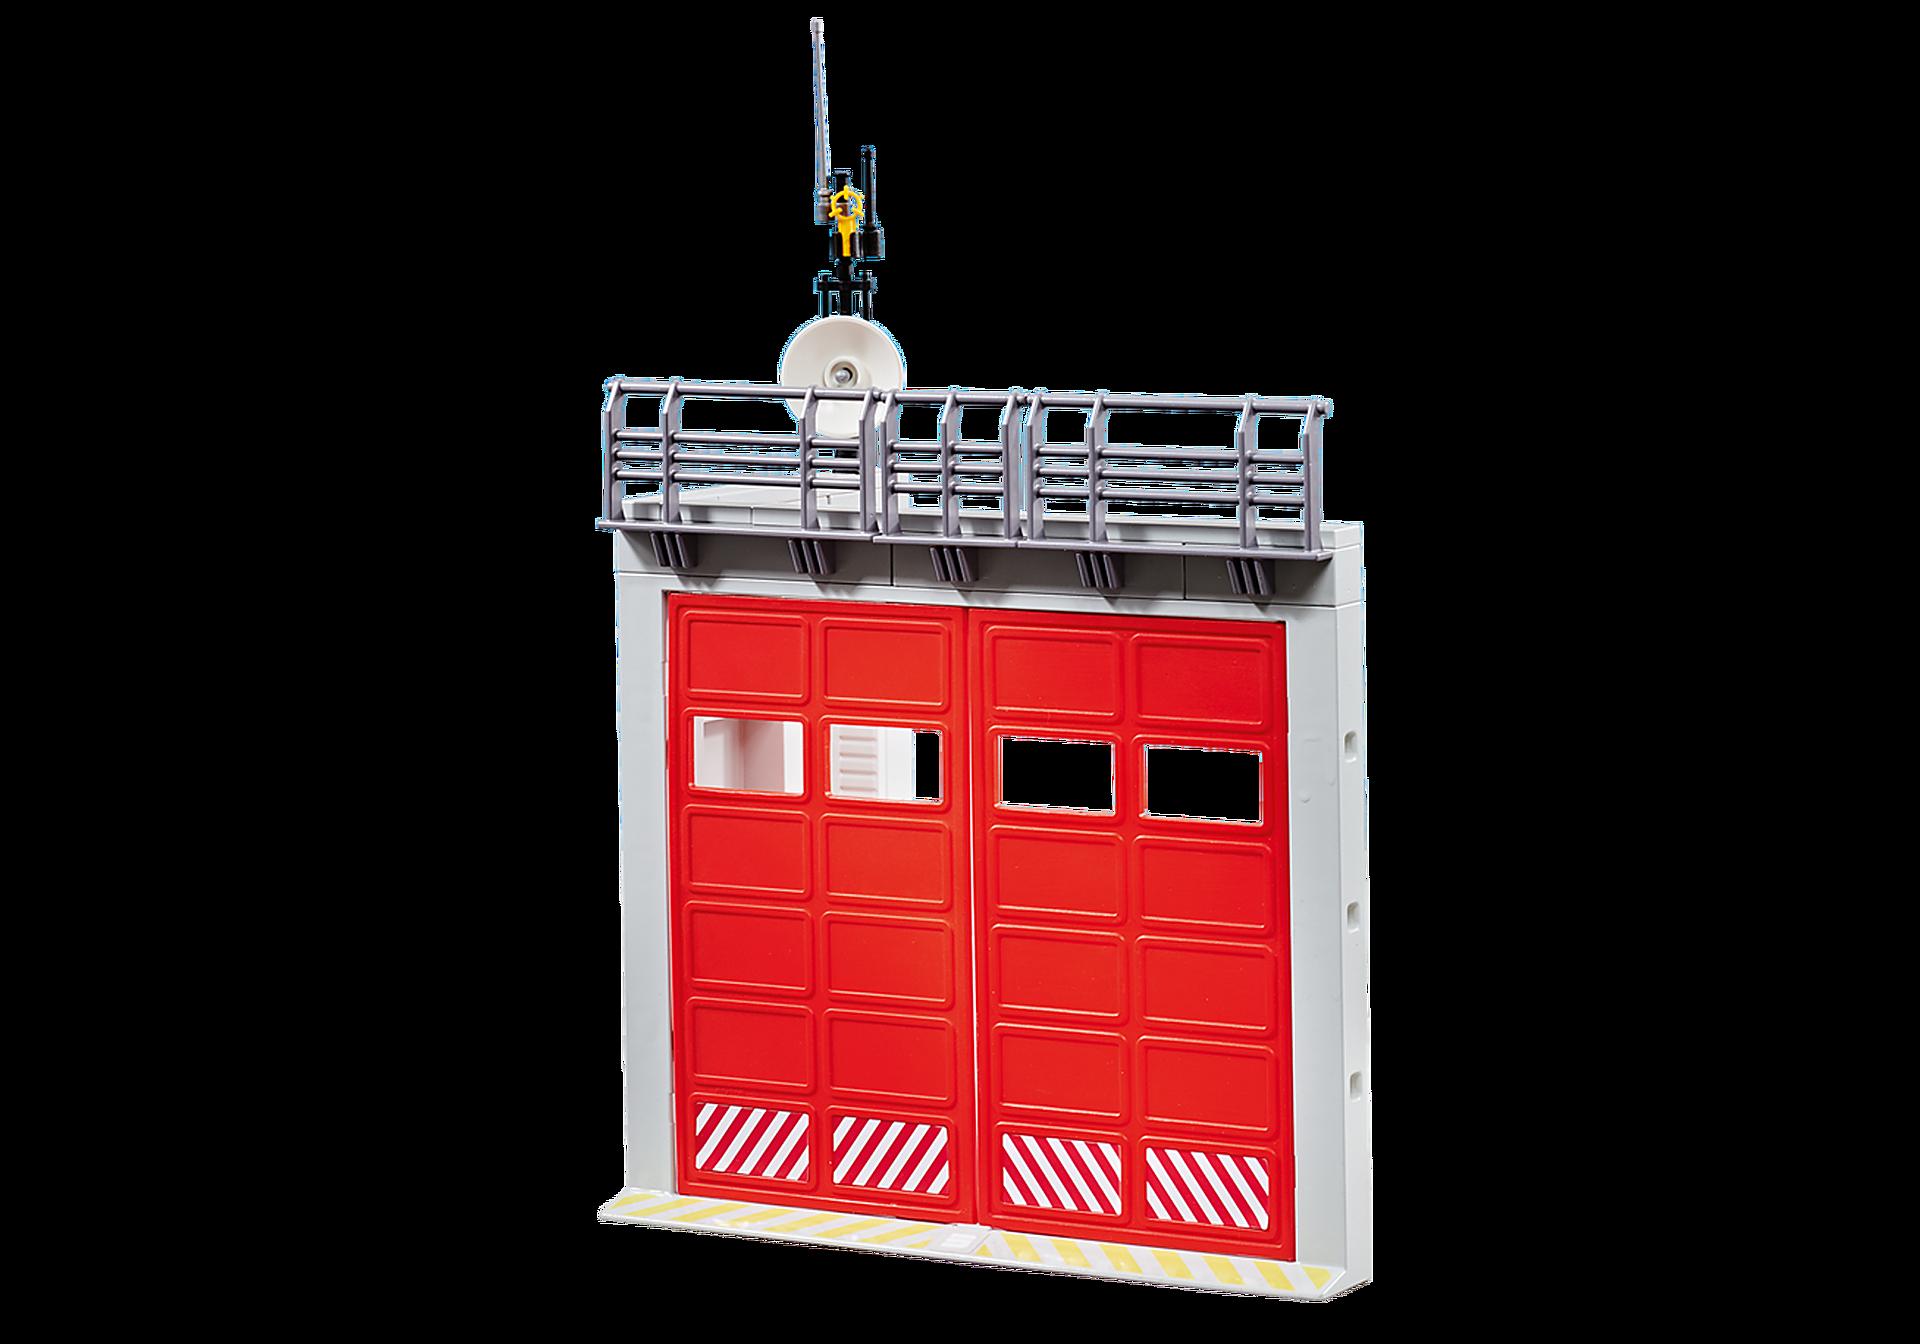 9803 Porte supplémentaire pour Caserne de pompiers  zoom image1